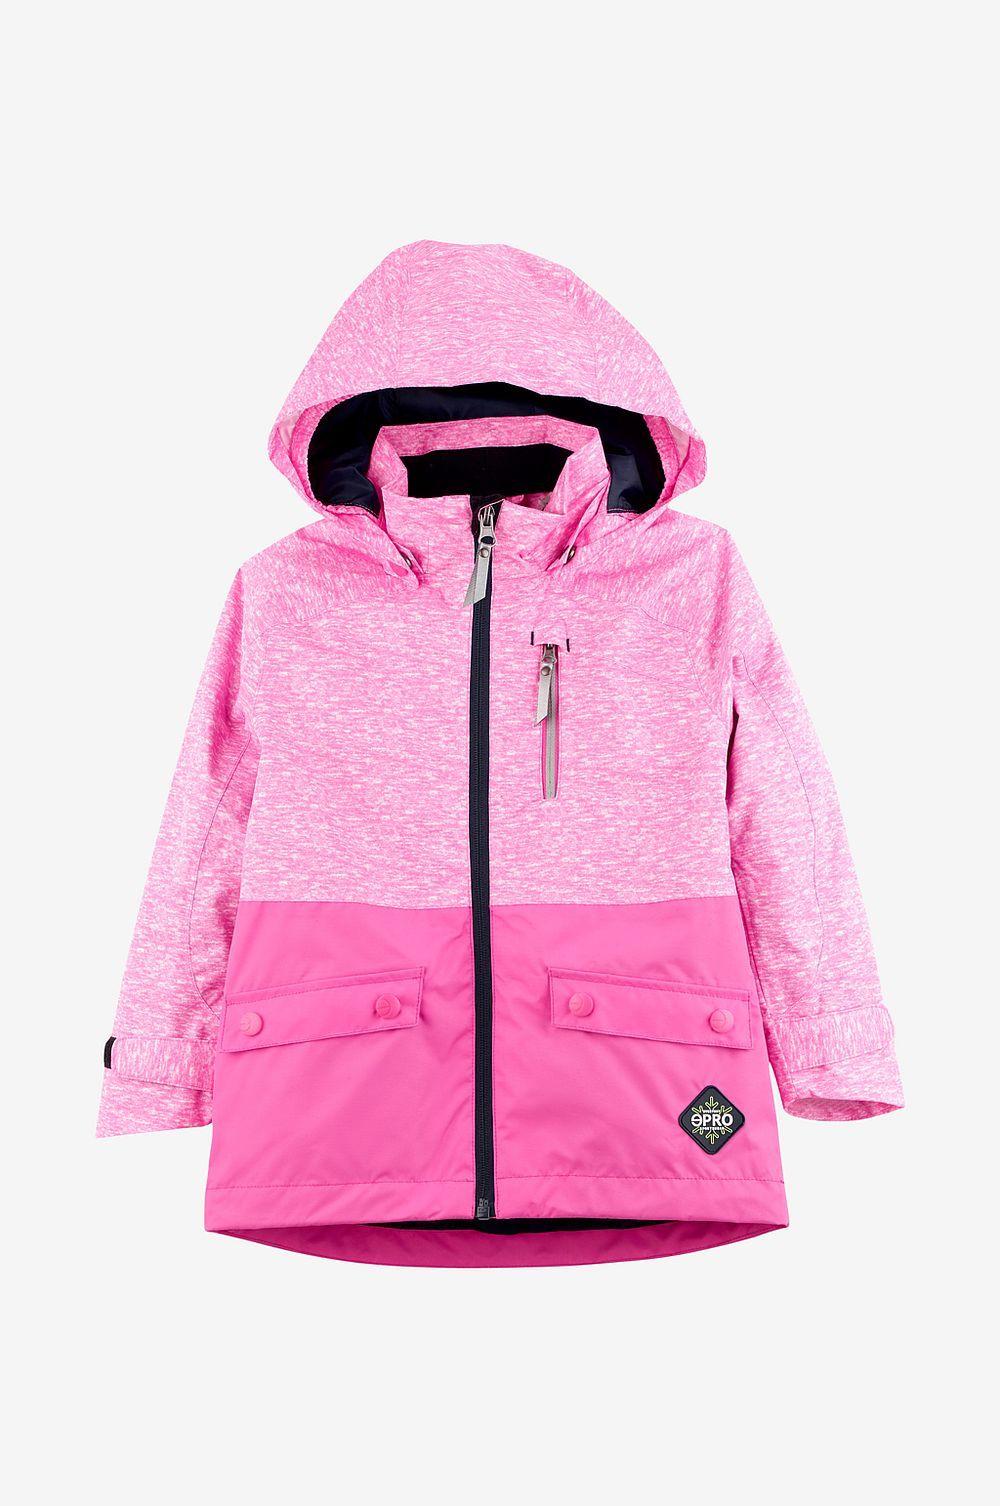 Kevyt ja joustava tekninen takki/kuoritakki kestää tuulta ja sadetta ja haihduttaa pois ylimääräistä lämpöä. Vuoriton tekninen takki, jota käytetään ylimpänä vaatekerroksena (3. kerros). Valitse alle puettavat kerrokset sään ja lajin mukaan, niin olet aina sopivan lämpimästi pukeutunut. Takki sopii myös koulutakiksi ja vapaa-ajan takiksi kaikenlaisiin seikkailuihin. Tuulen- ja vedenpitävä päällyskangas, vesipilariarvo 5000 kolmen pesun jälkeen. Irrotettava huppu. Hupussa takana tarranauh...